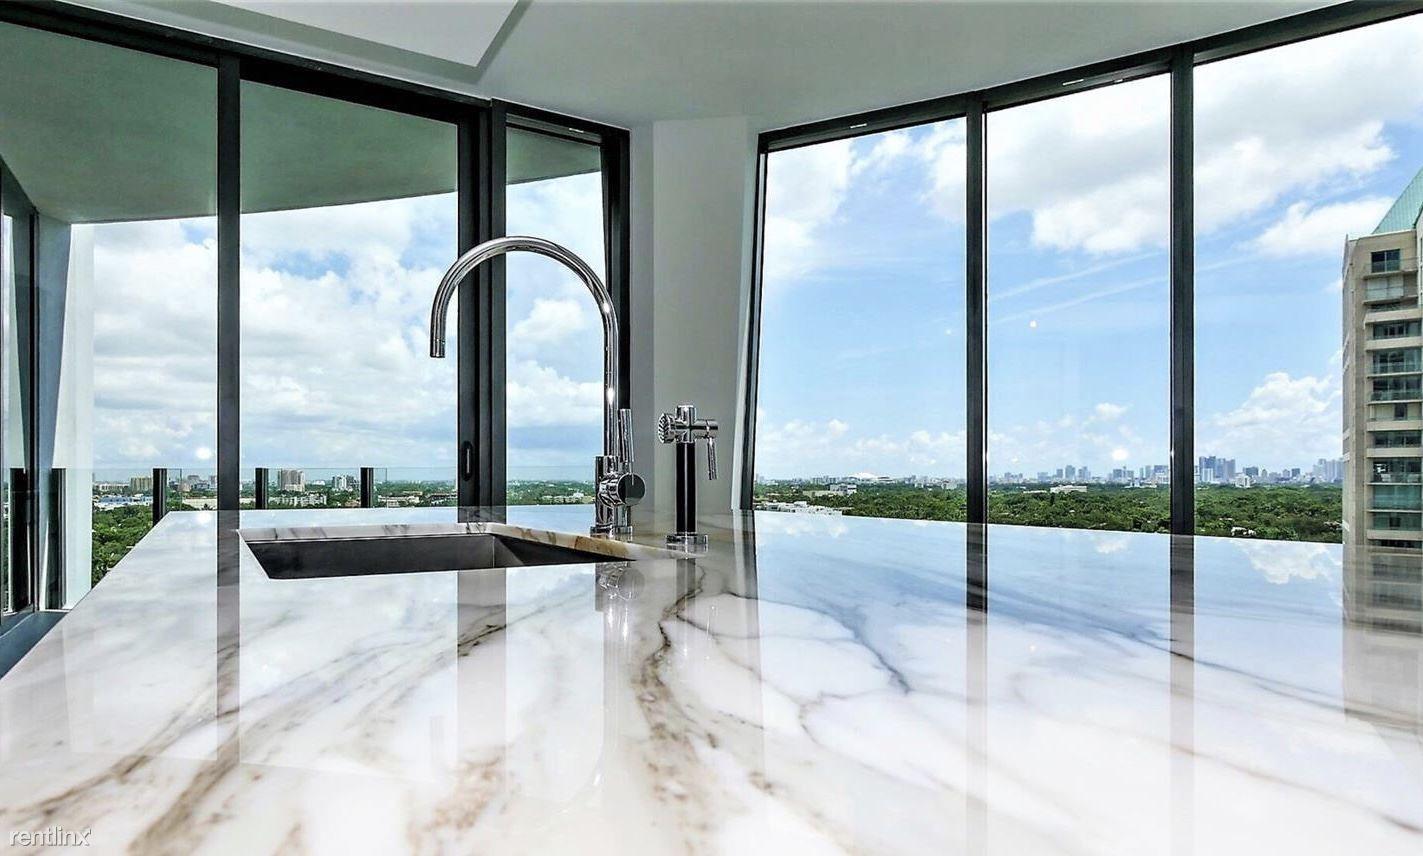 2831 S Bayshore Dr, Coconut Grove, FL - $4,750